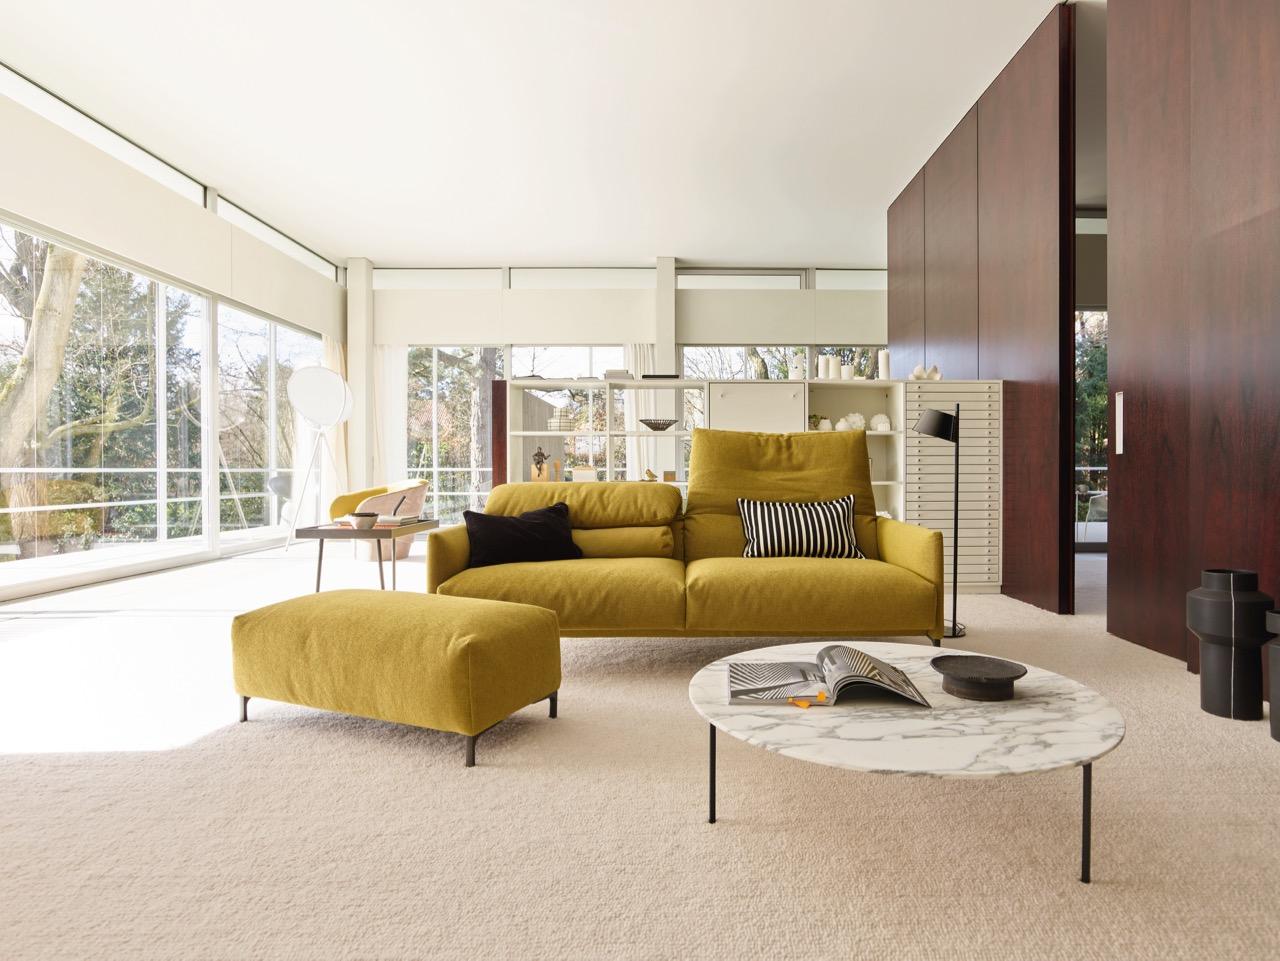 sendlhofer-cor-sofa